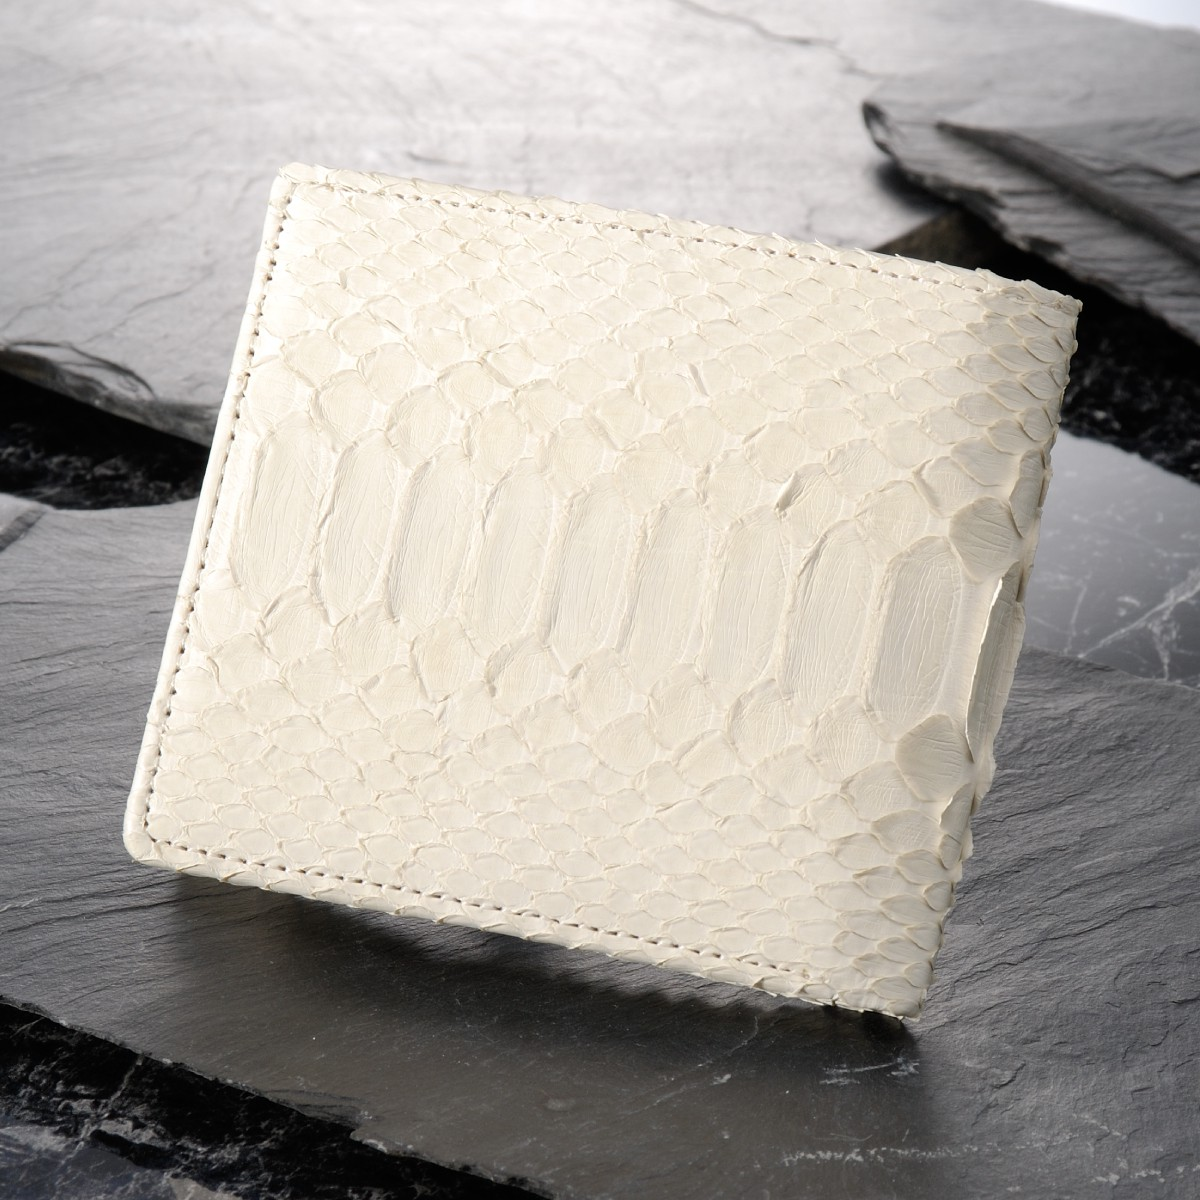 二つ折り財布 メンズ 紳士用 白蛇二つ折り財布 61235 春財布 ギフト プレゼント 贈り物 人気